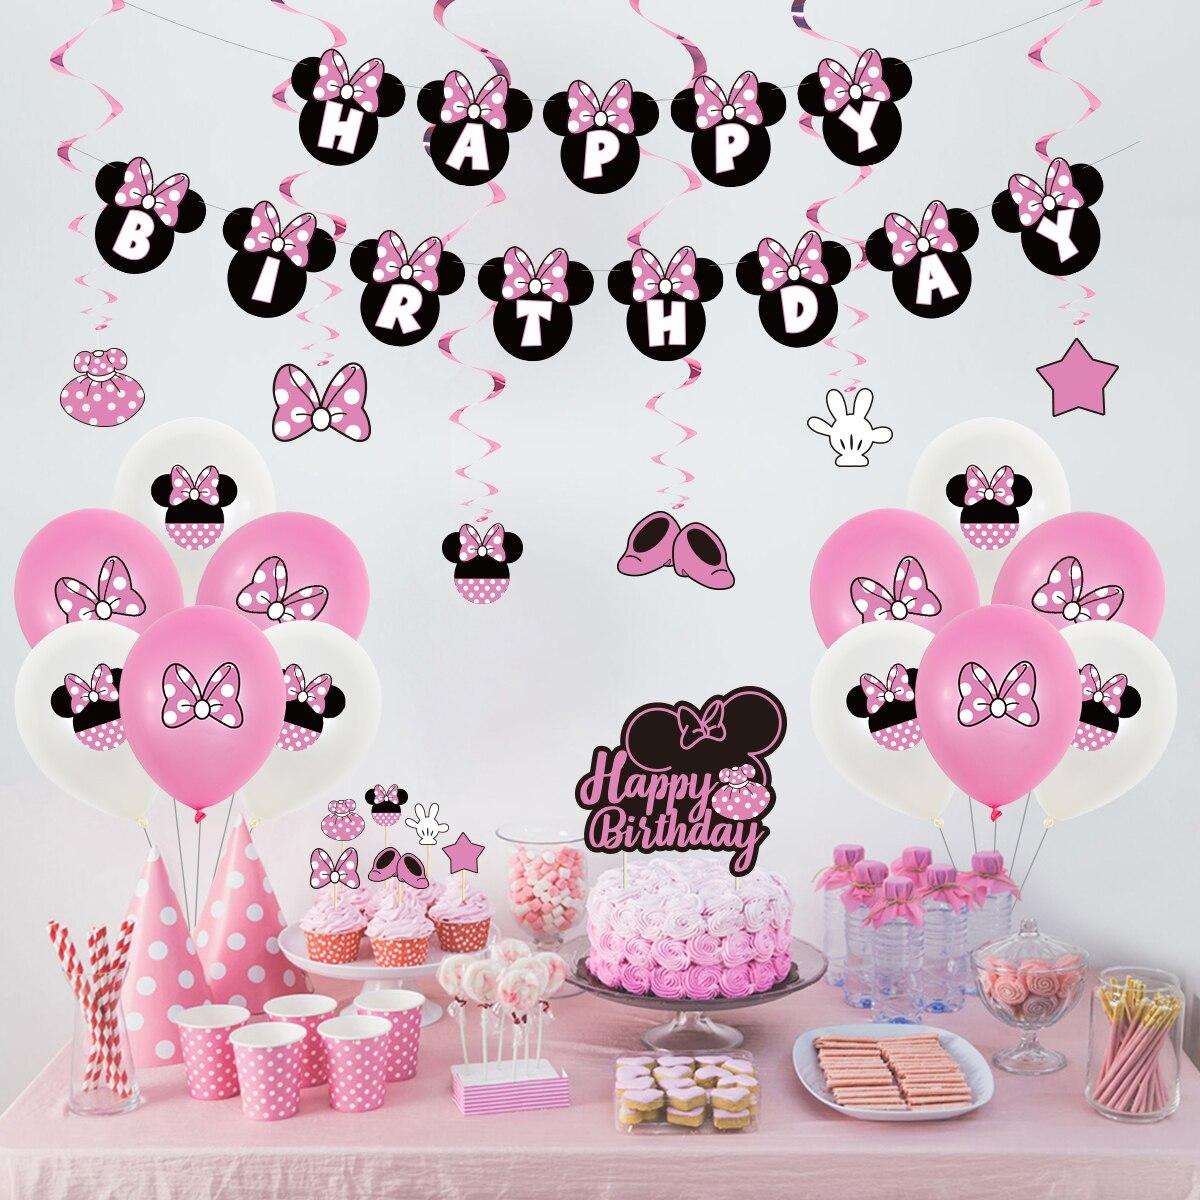 Rosa minnie mouse balões definir aniversário capina festa de decoração suprimentos disney bonito banners bolos decoração crianças chuveiro presentes